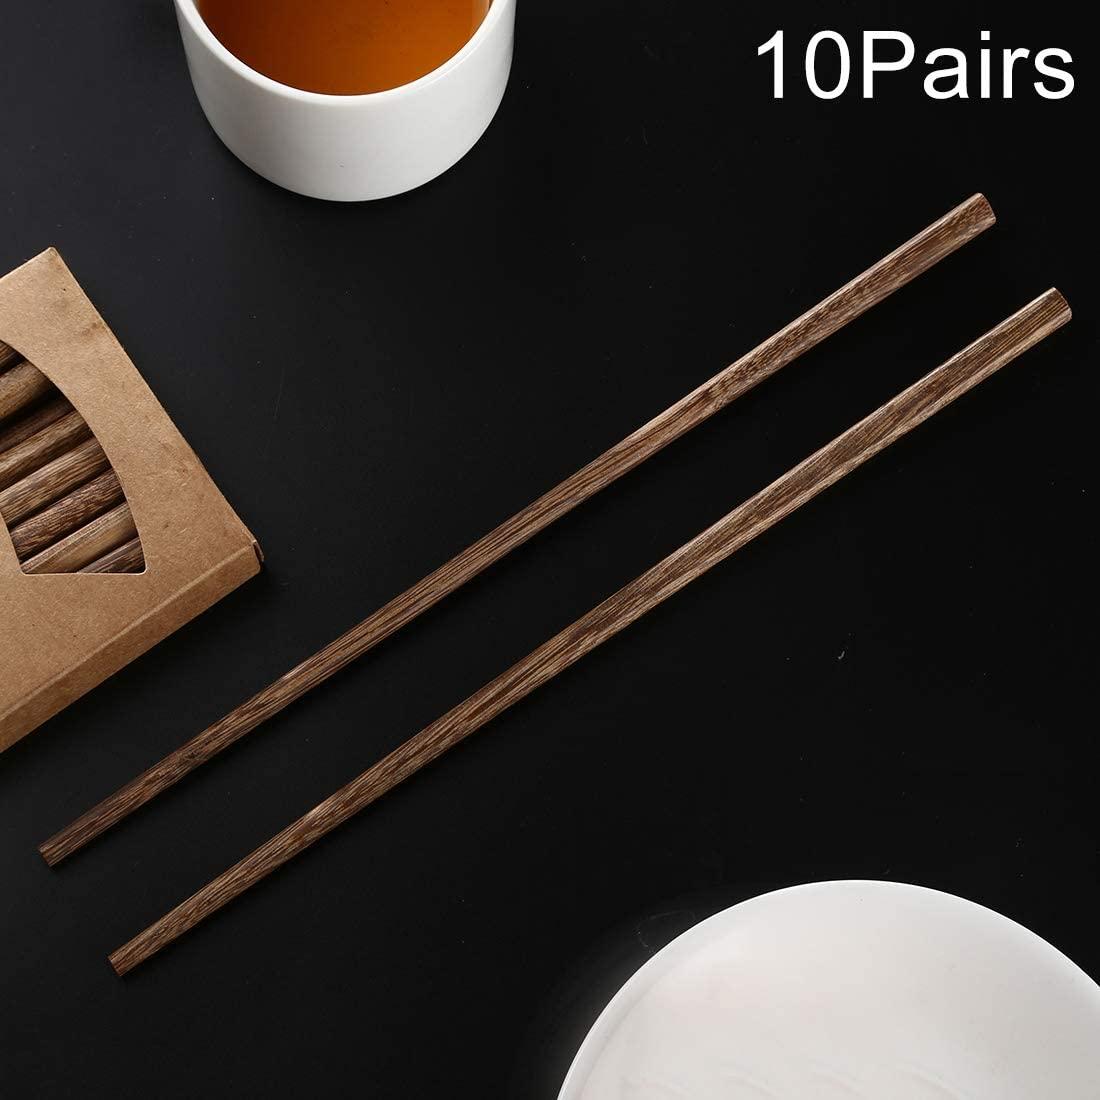 Kitchen Supplies 10 Pairs Natural Wenge Non-slip Chopsticks